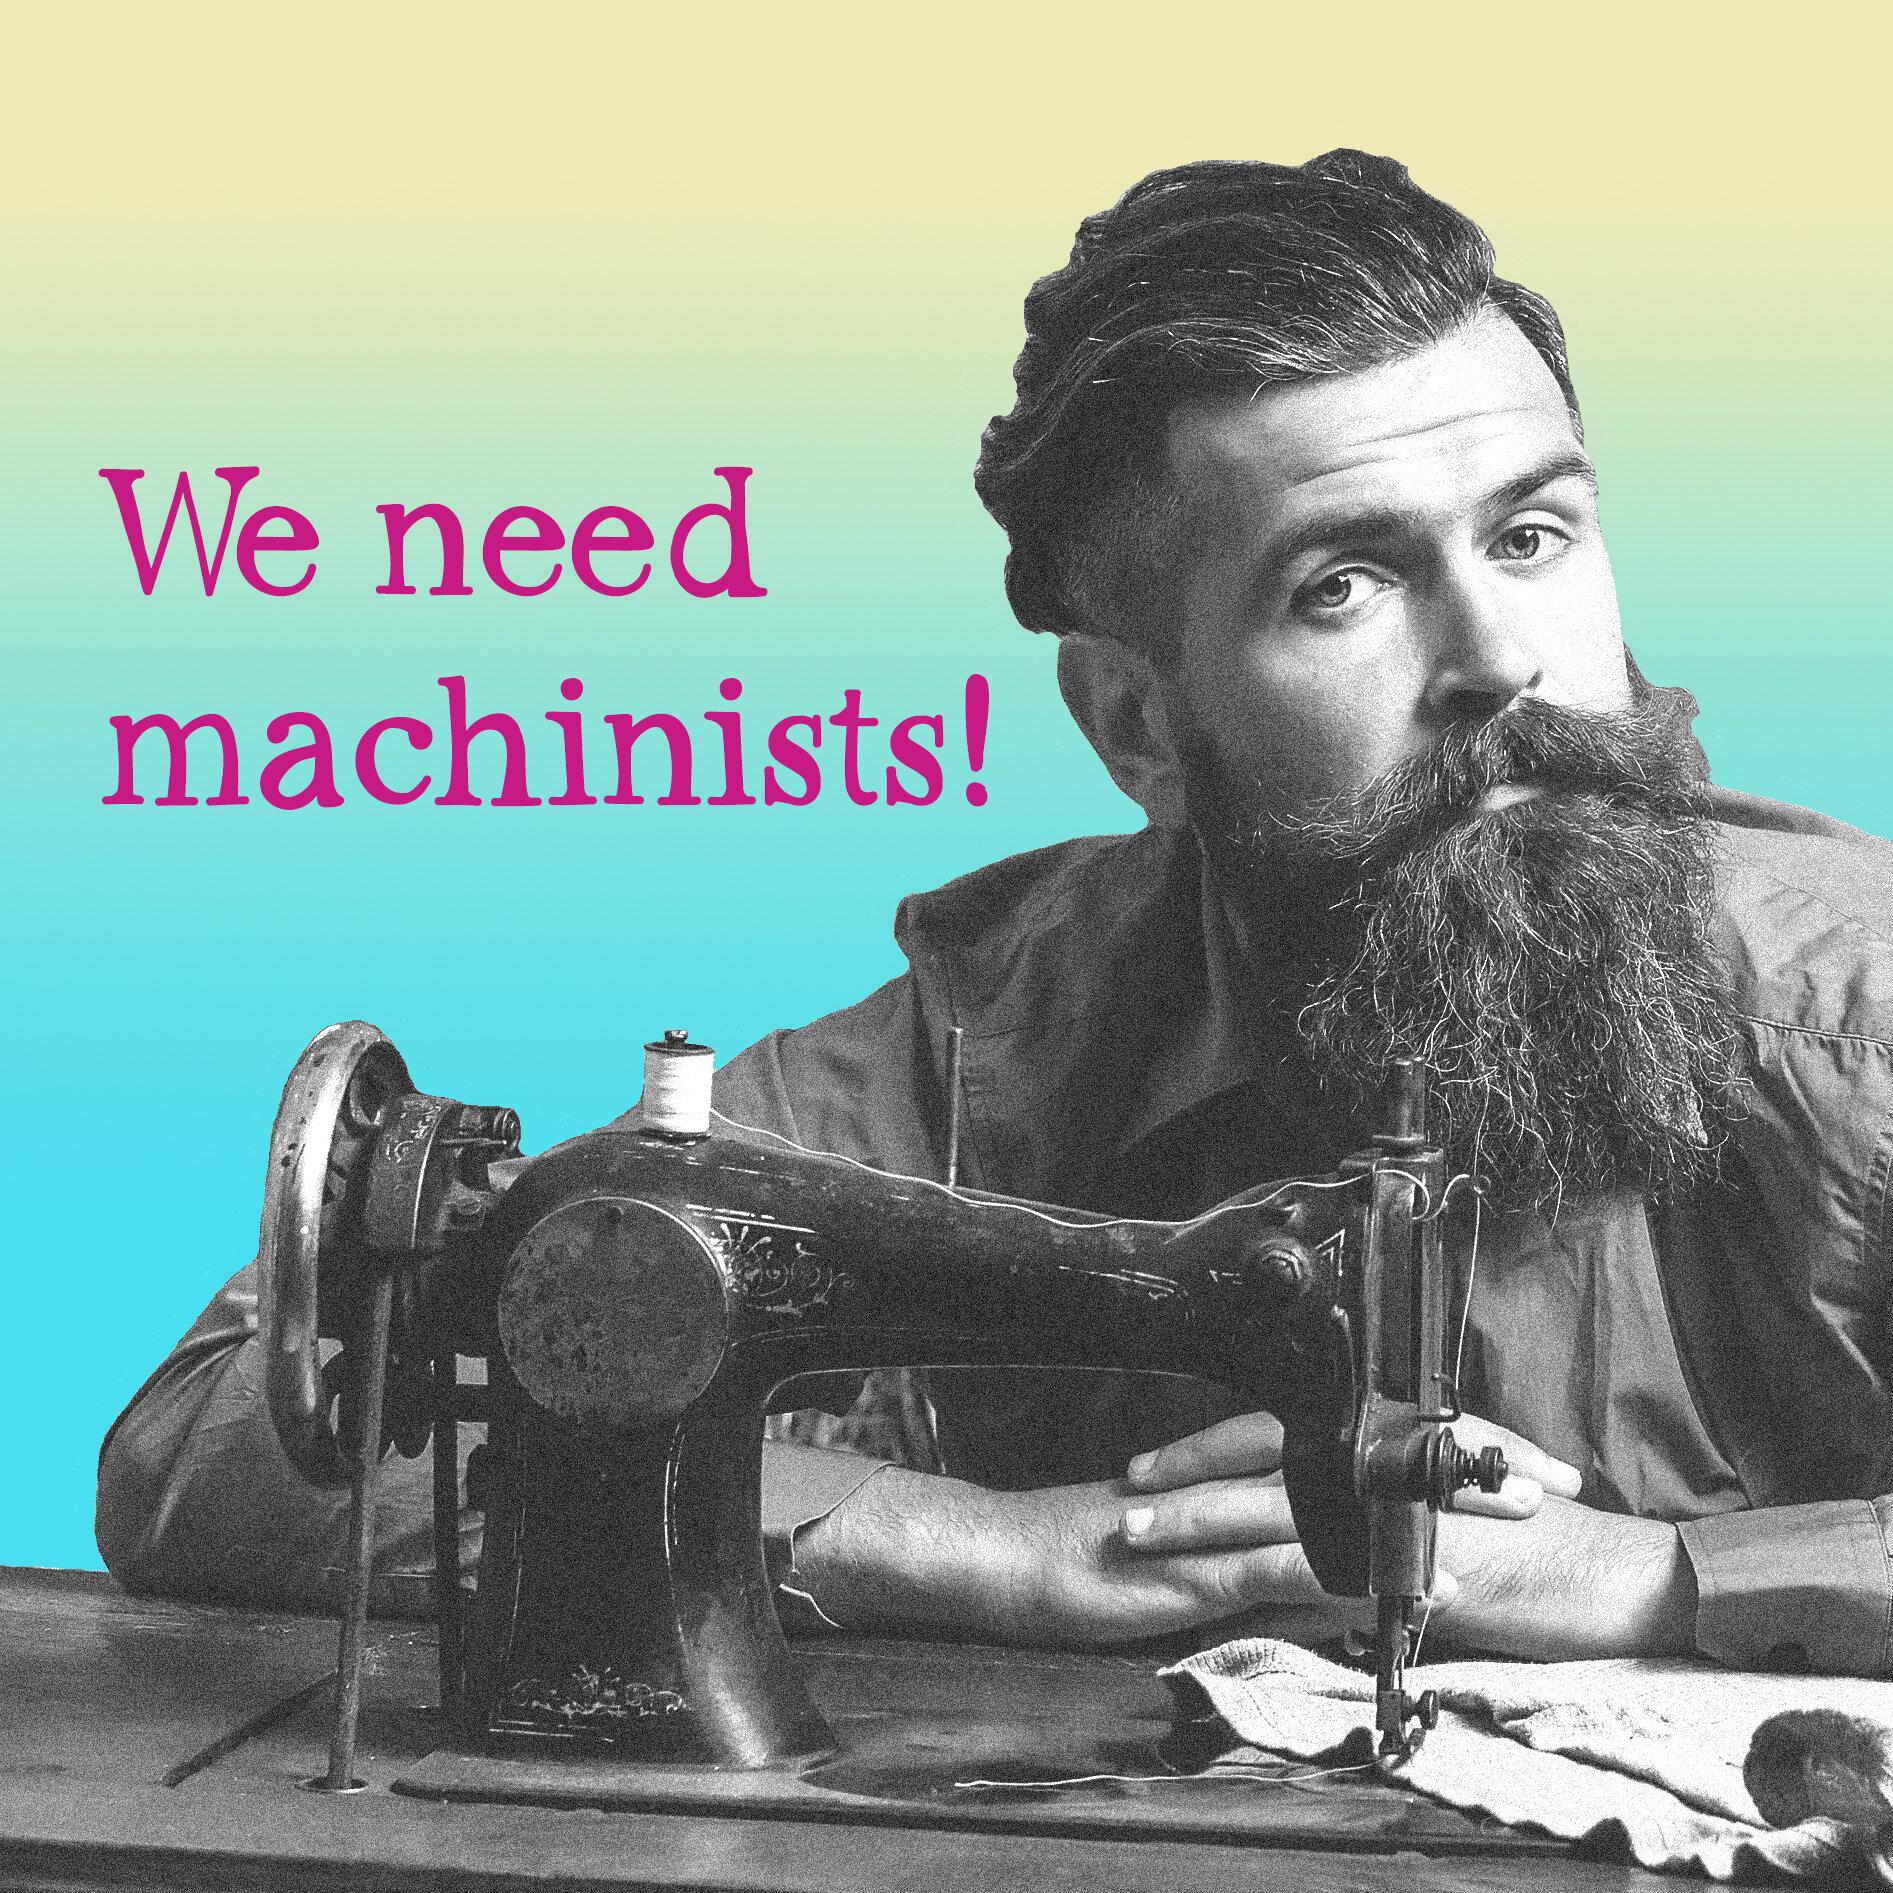 Beardie with sewing machine - cropped for job vacancy advert.jpg